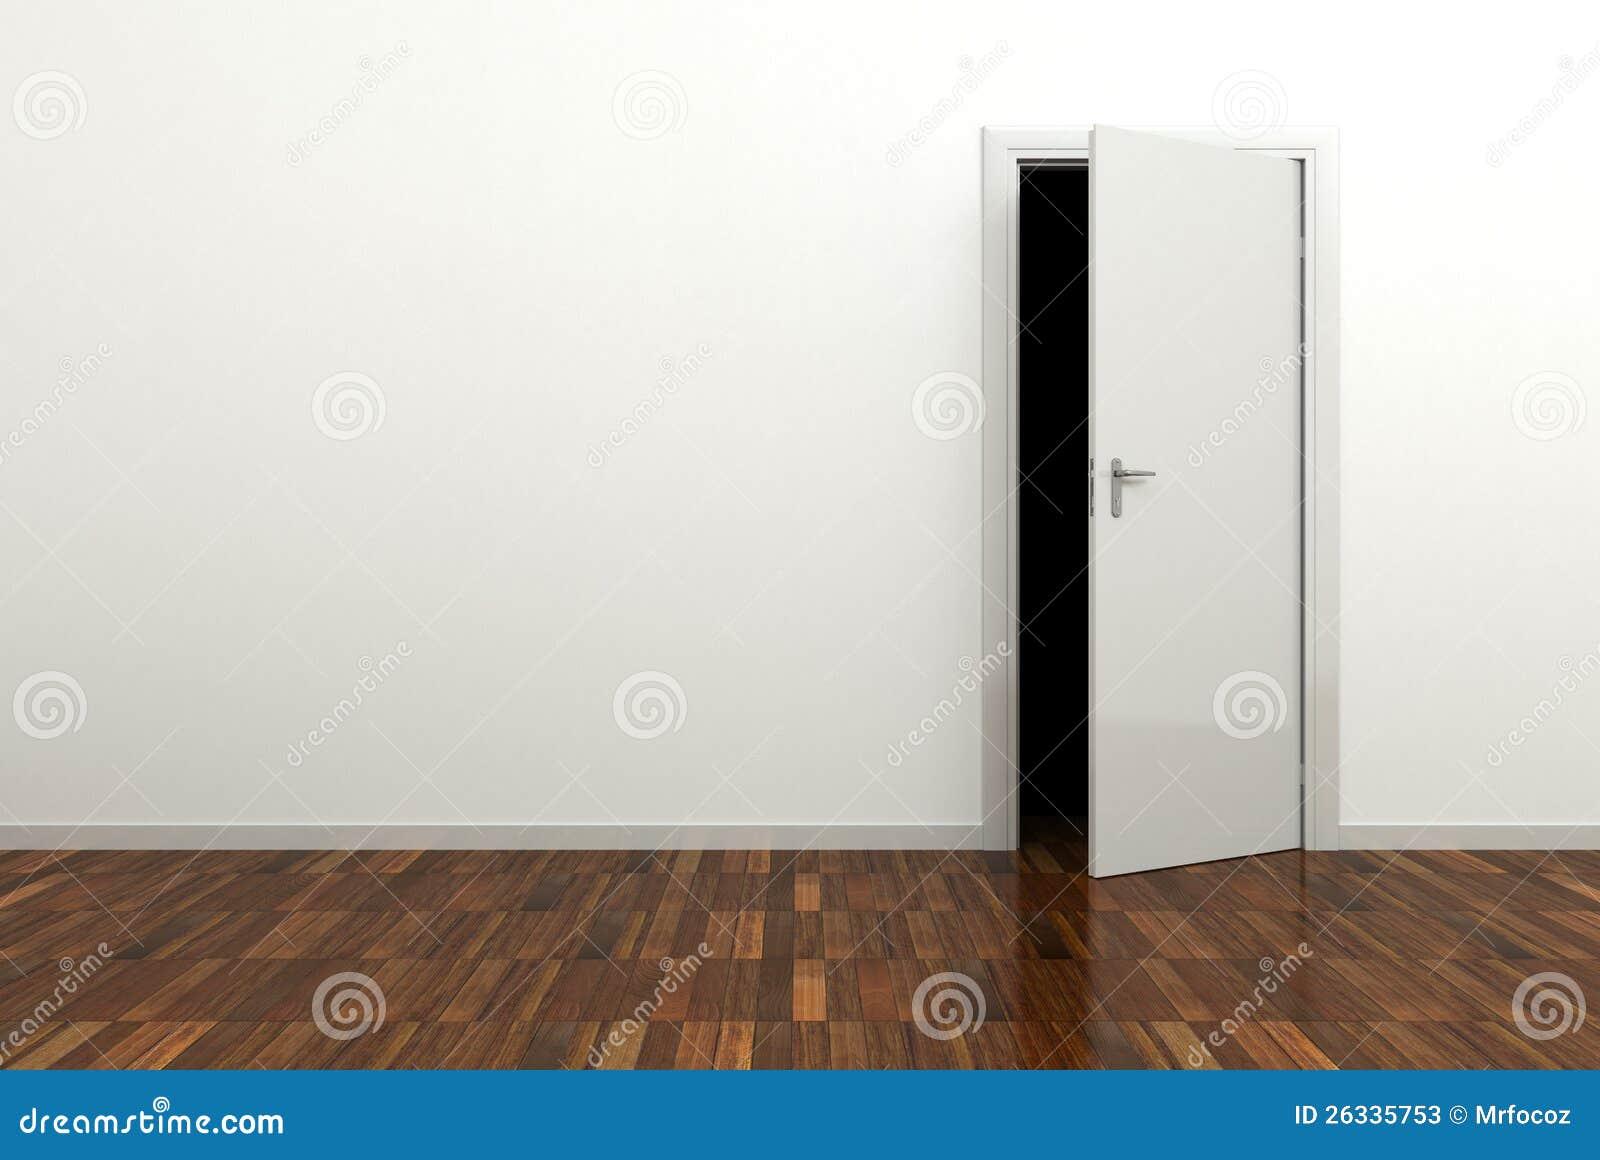 hintergrund wei wand stockfotos bild 26335753. Black Bedroom Furniture Sets. Home Design Ideas